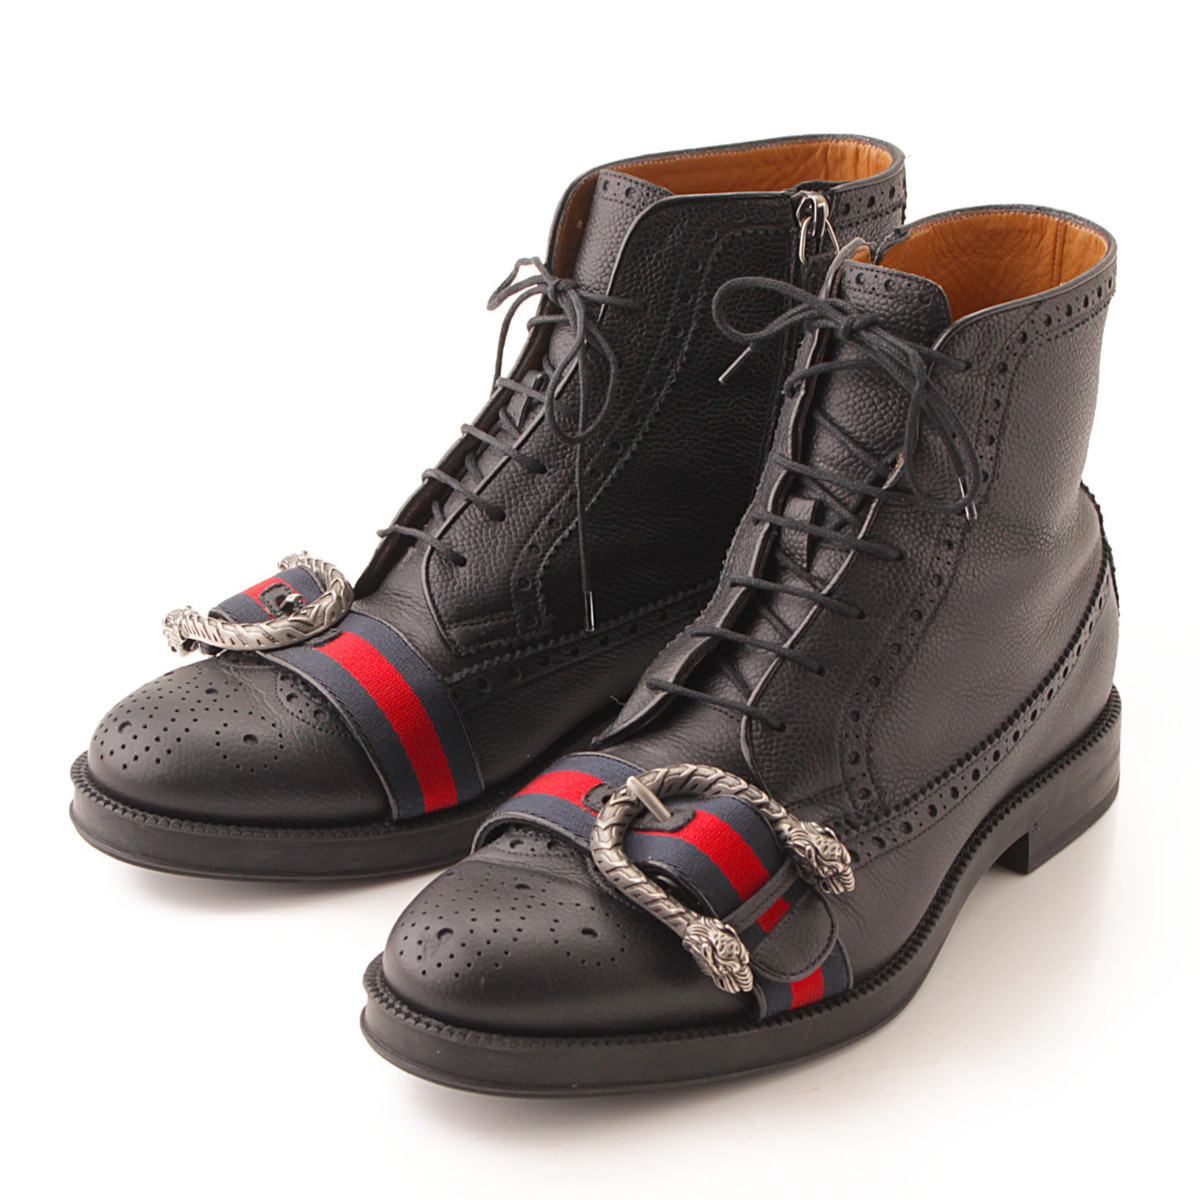 【グッチ】Gucci ウェブ付き レザー ブローグ ブーツ メンズ 496250 ブラック 8 1/2 【中古】【鑑定済・正規品保証】【送料無料】39616